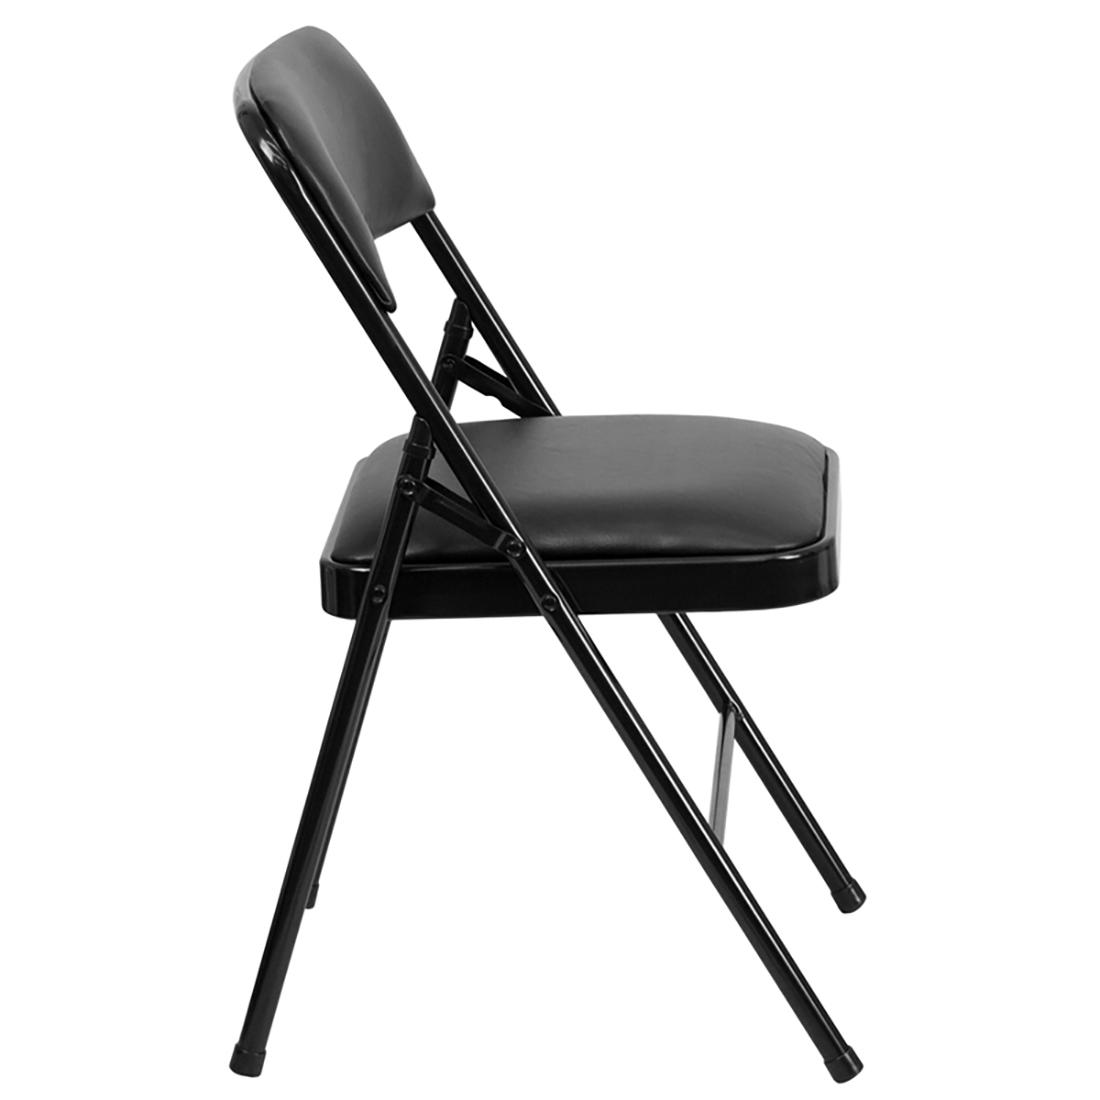 triple braced black vinyl metal folding chair pack